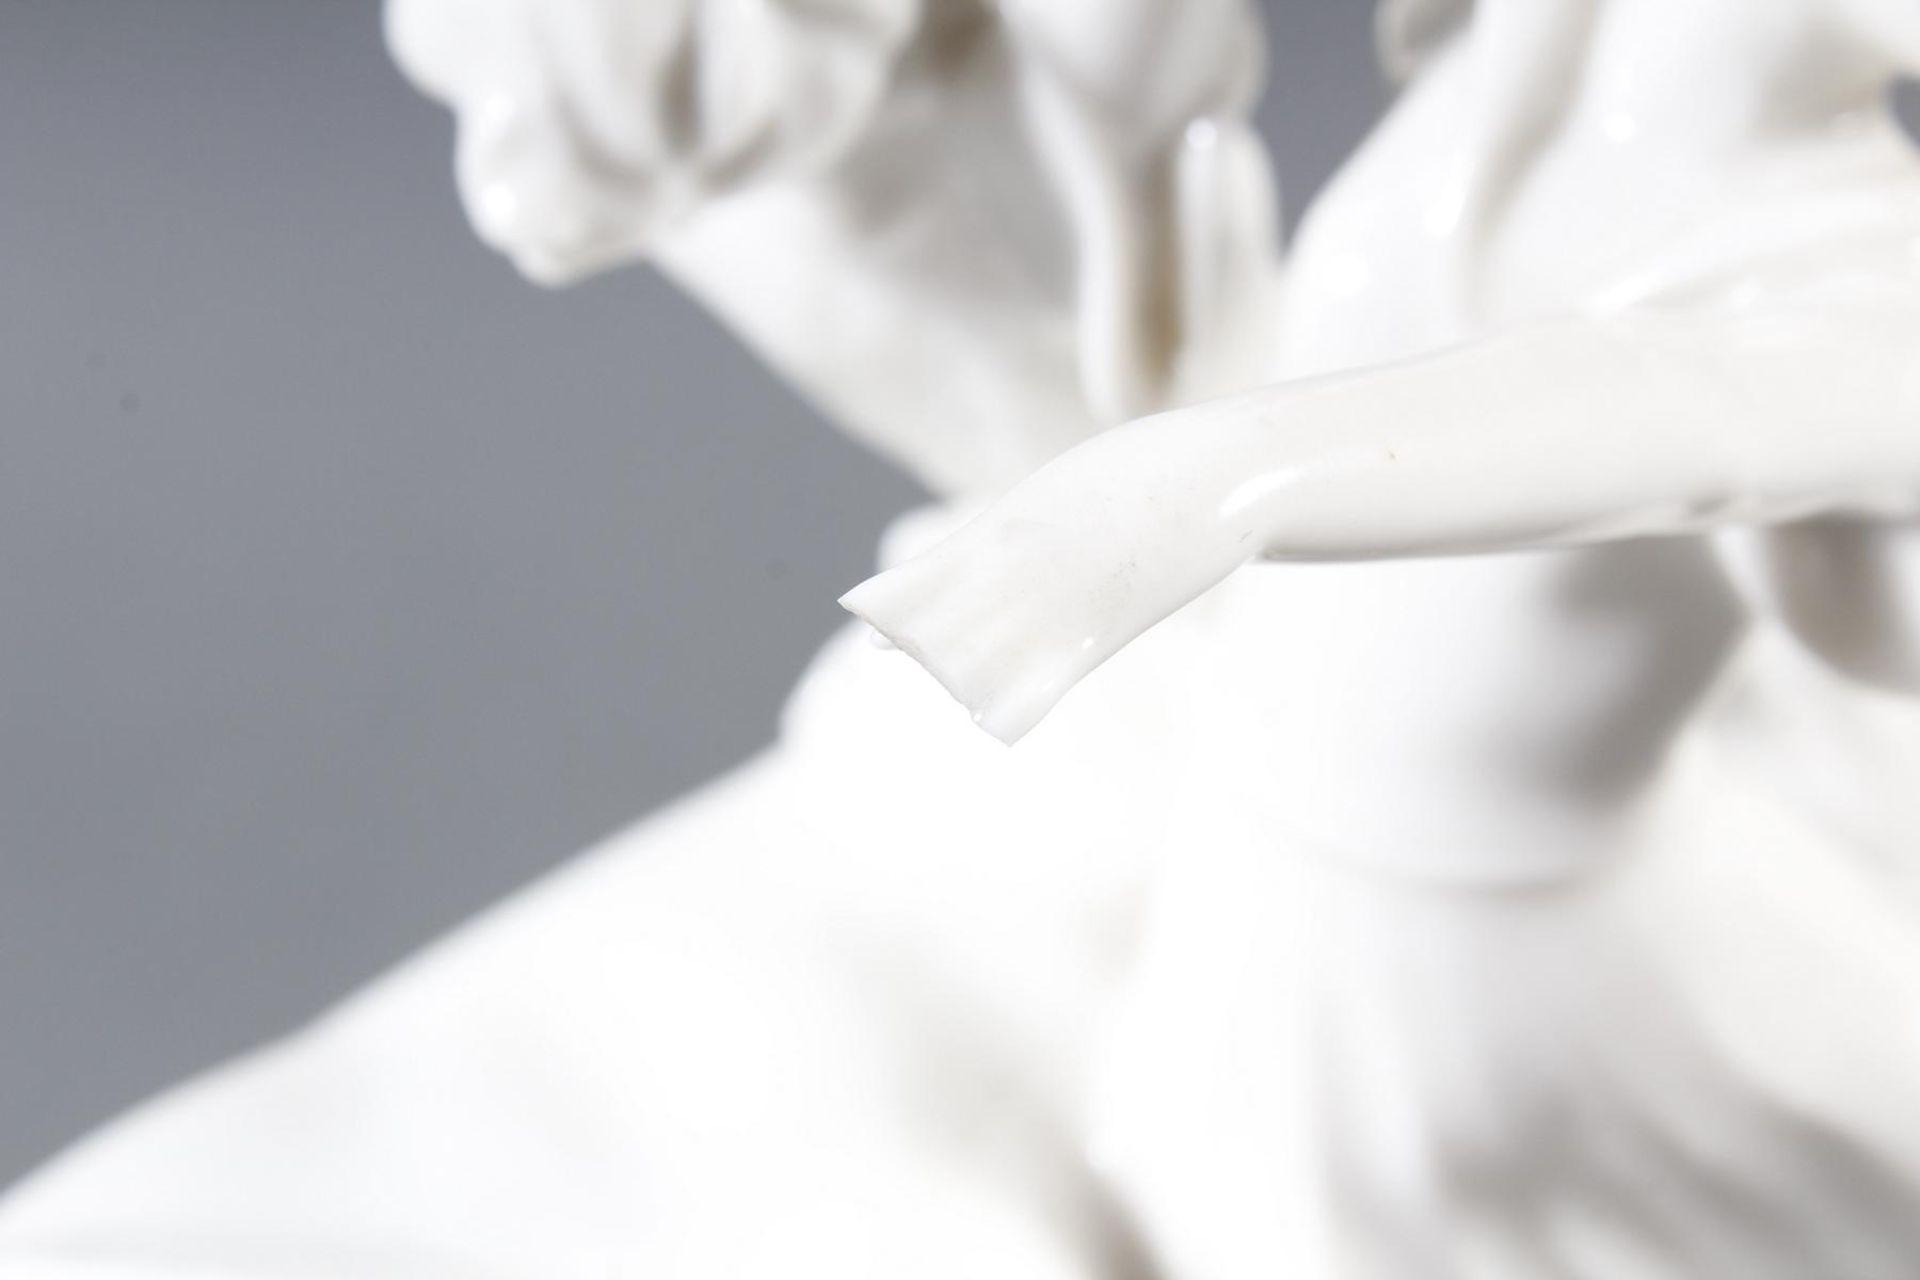 Hutschenreuther Porzellanskulptur Kunstabteilung, Reigen - Bild 2 aus 7